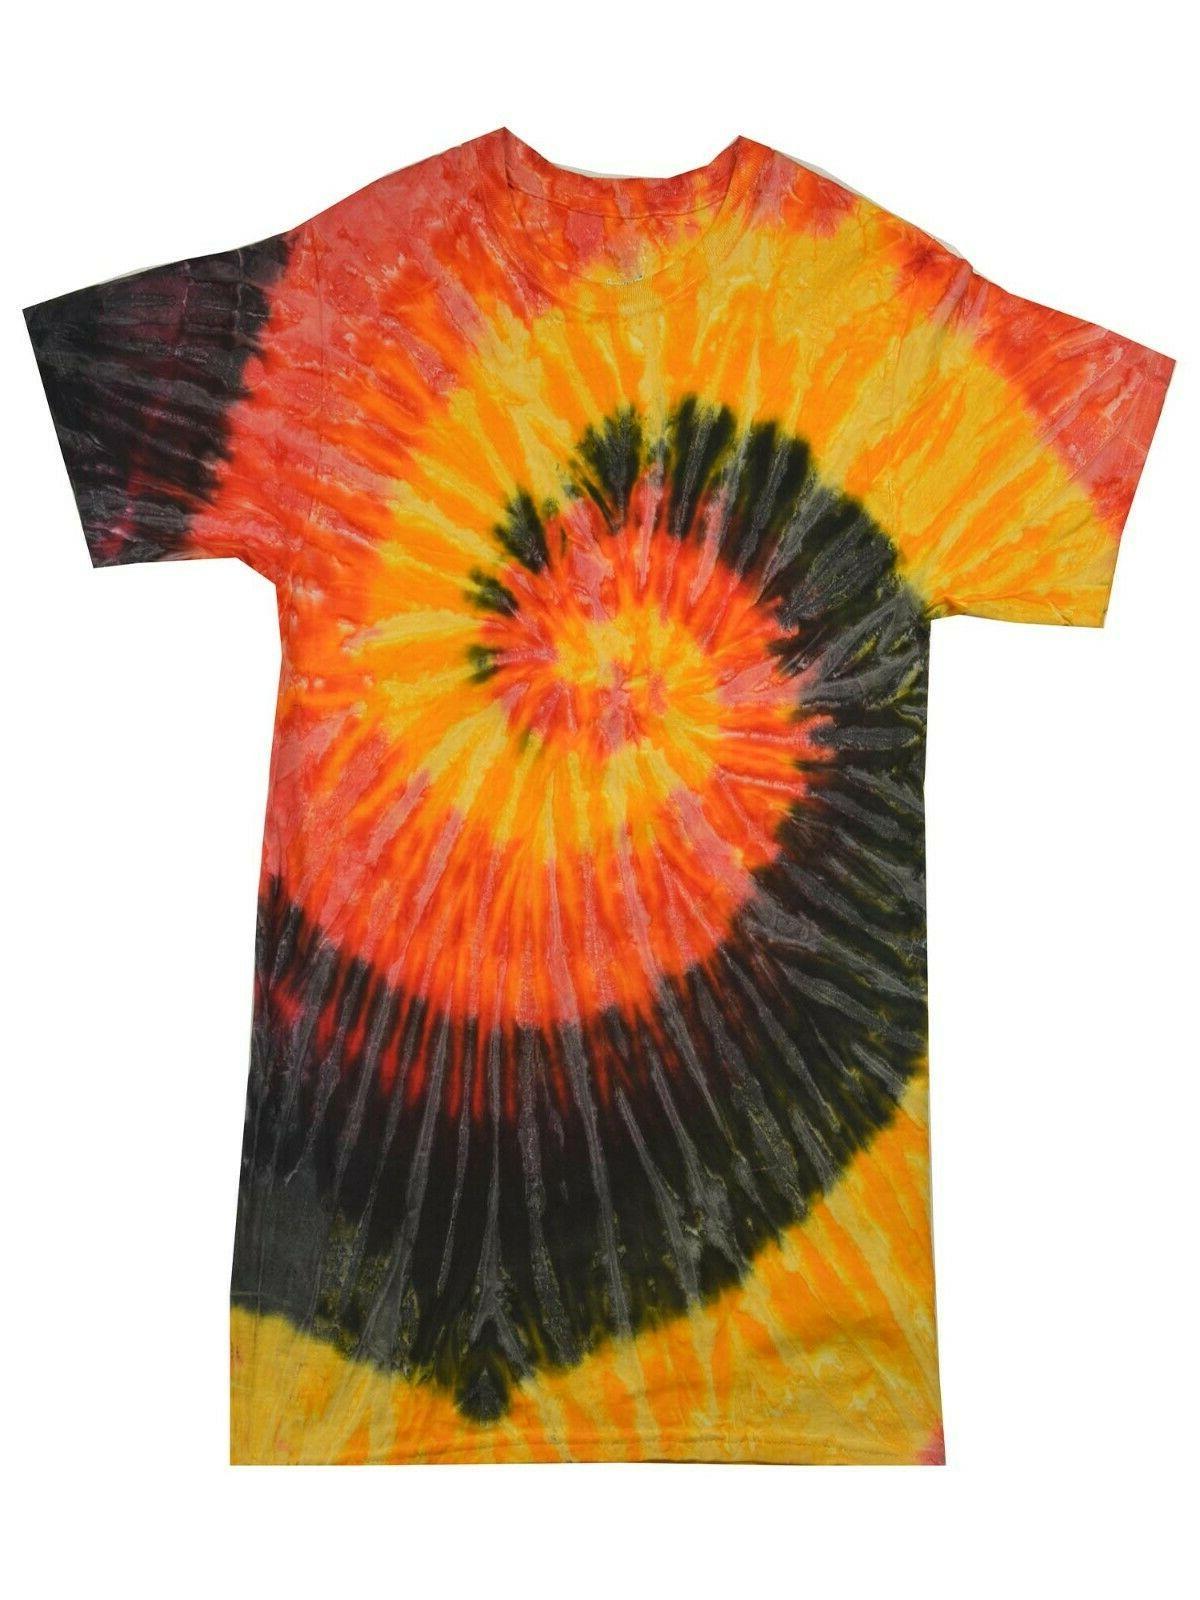 Multi-Color Tie Dye Adult S XL 5XL, 100% Cotton